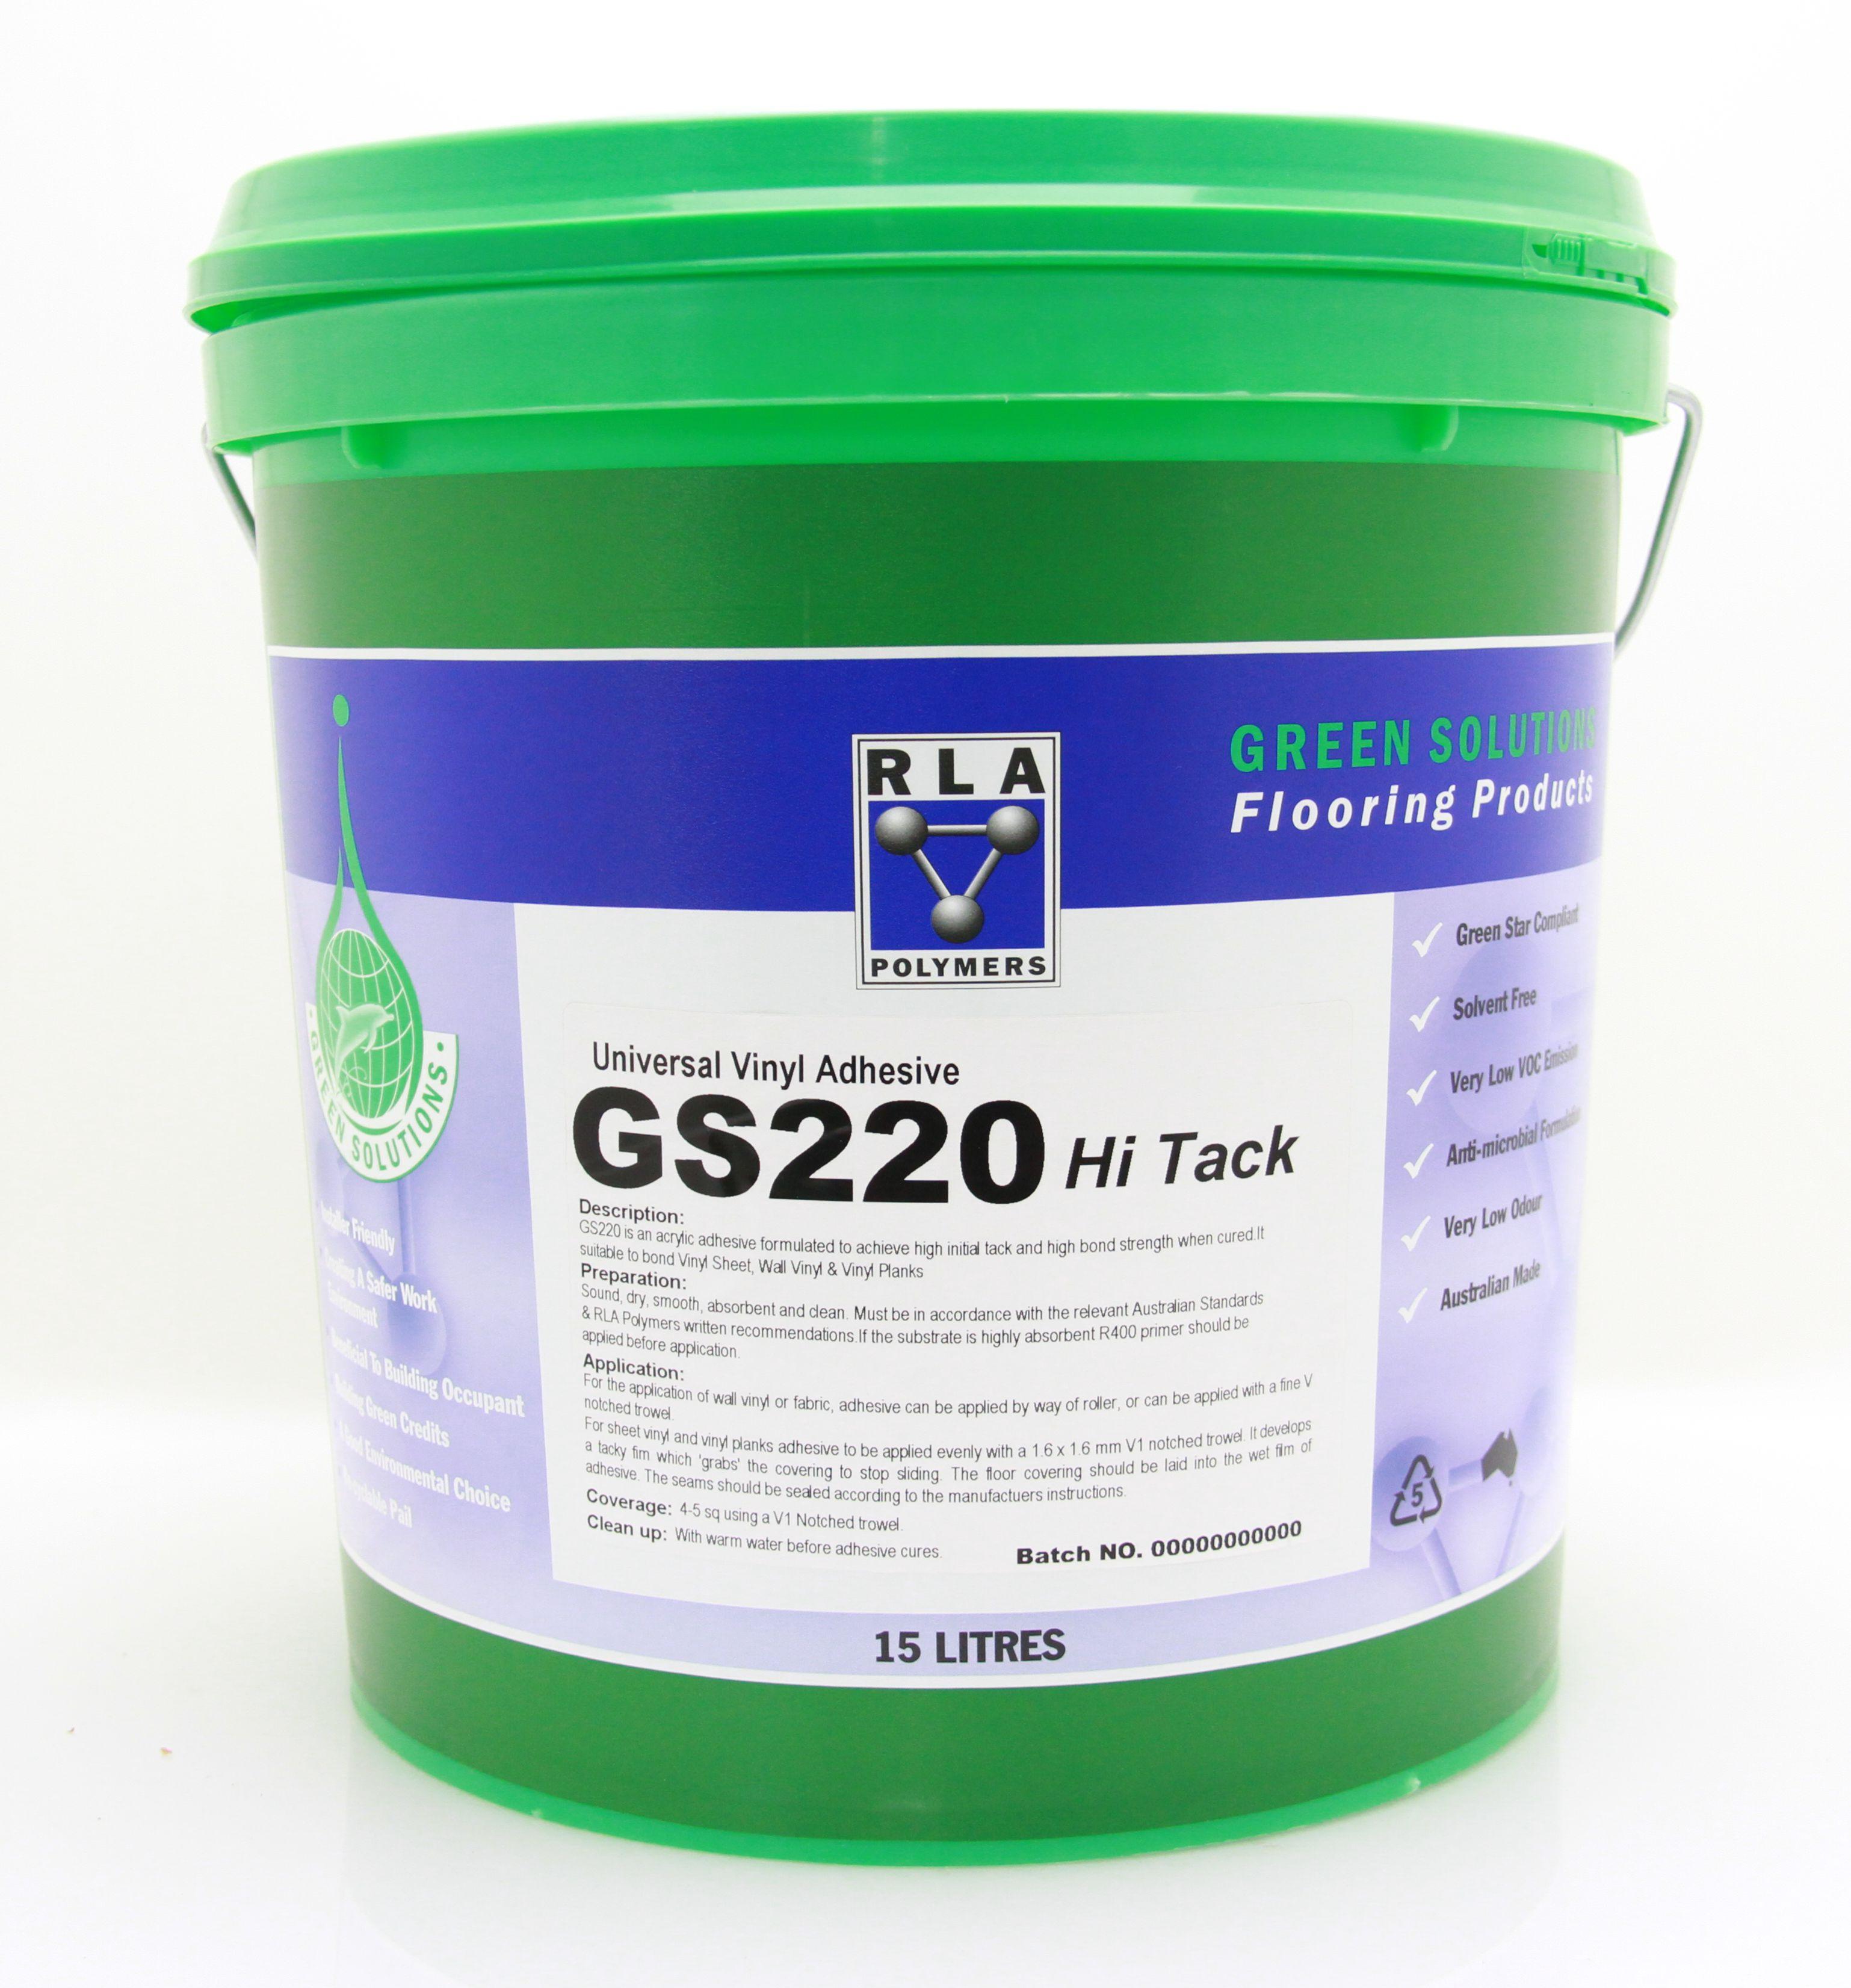 GS220 Hi-Tack Universal Vinyl Adhesive